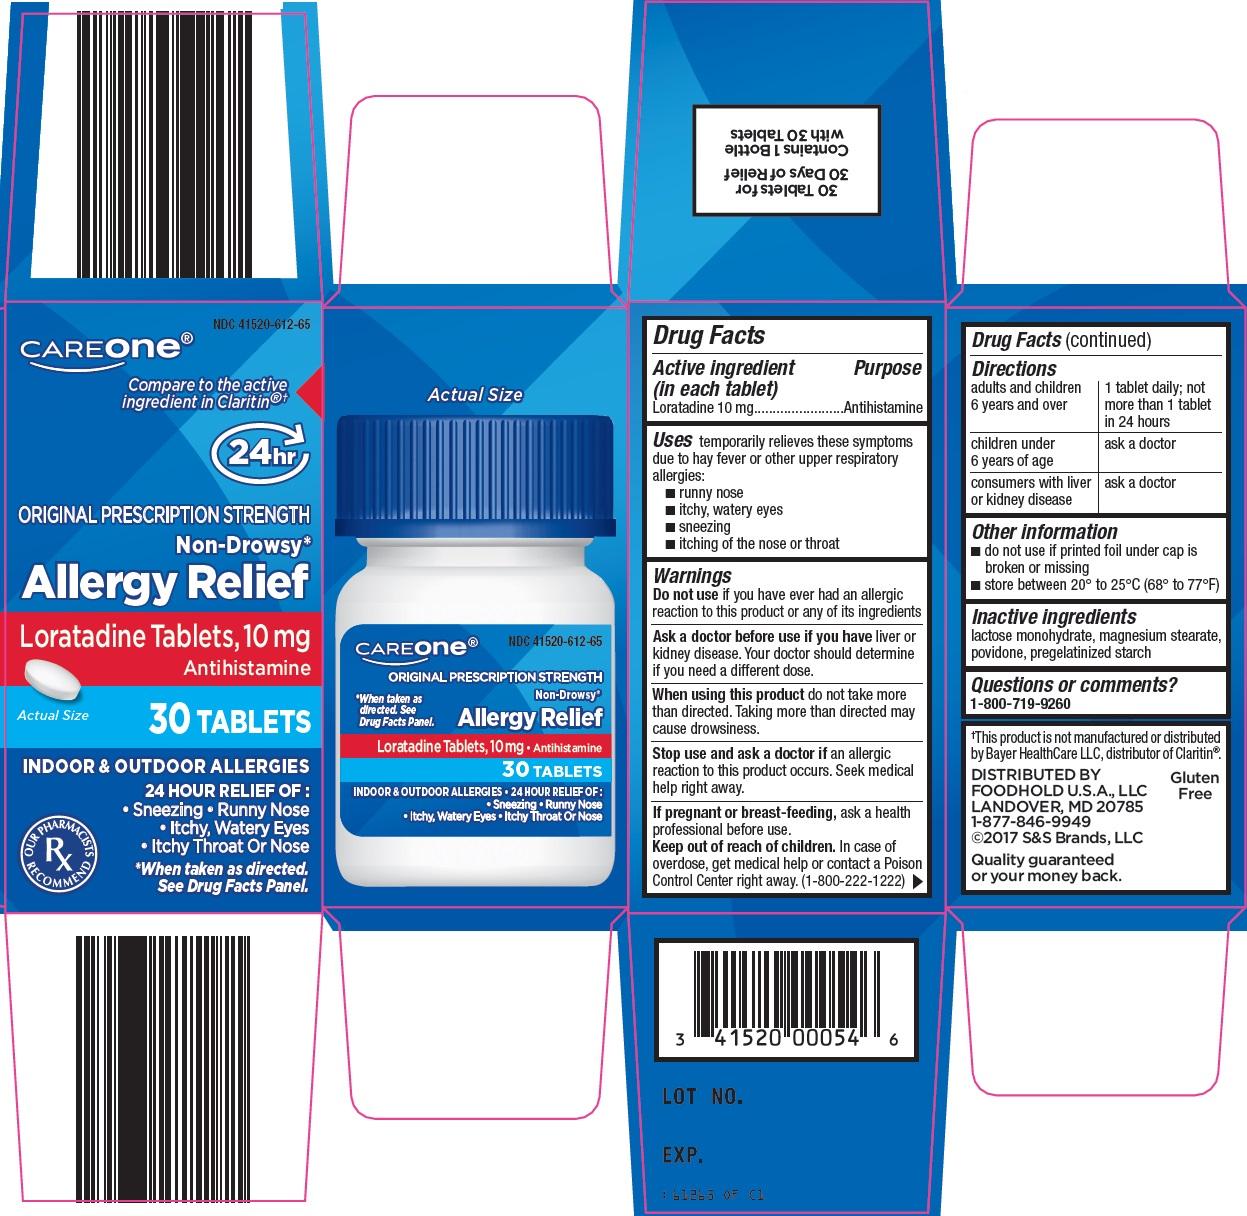 612-of-allergy relief.jpg